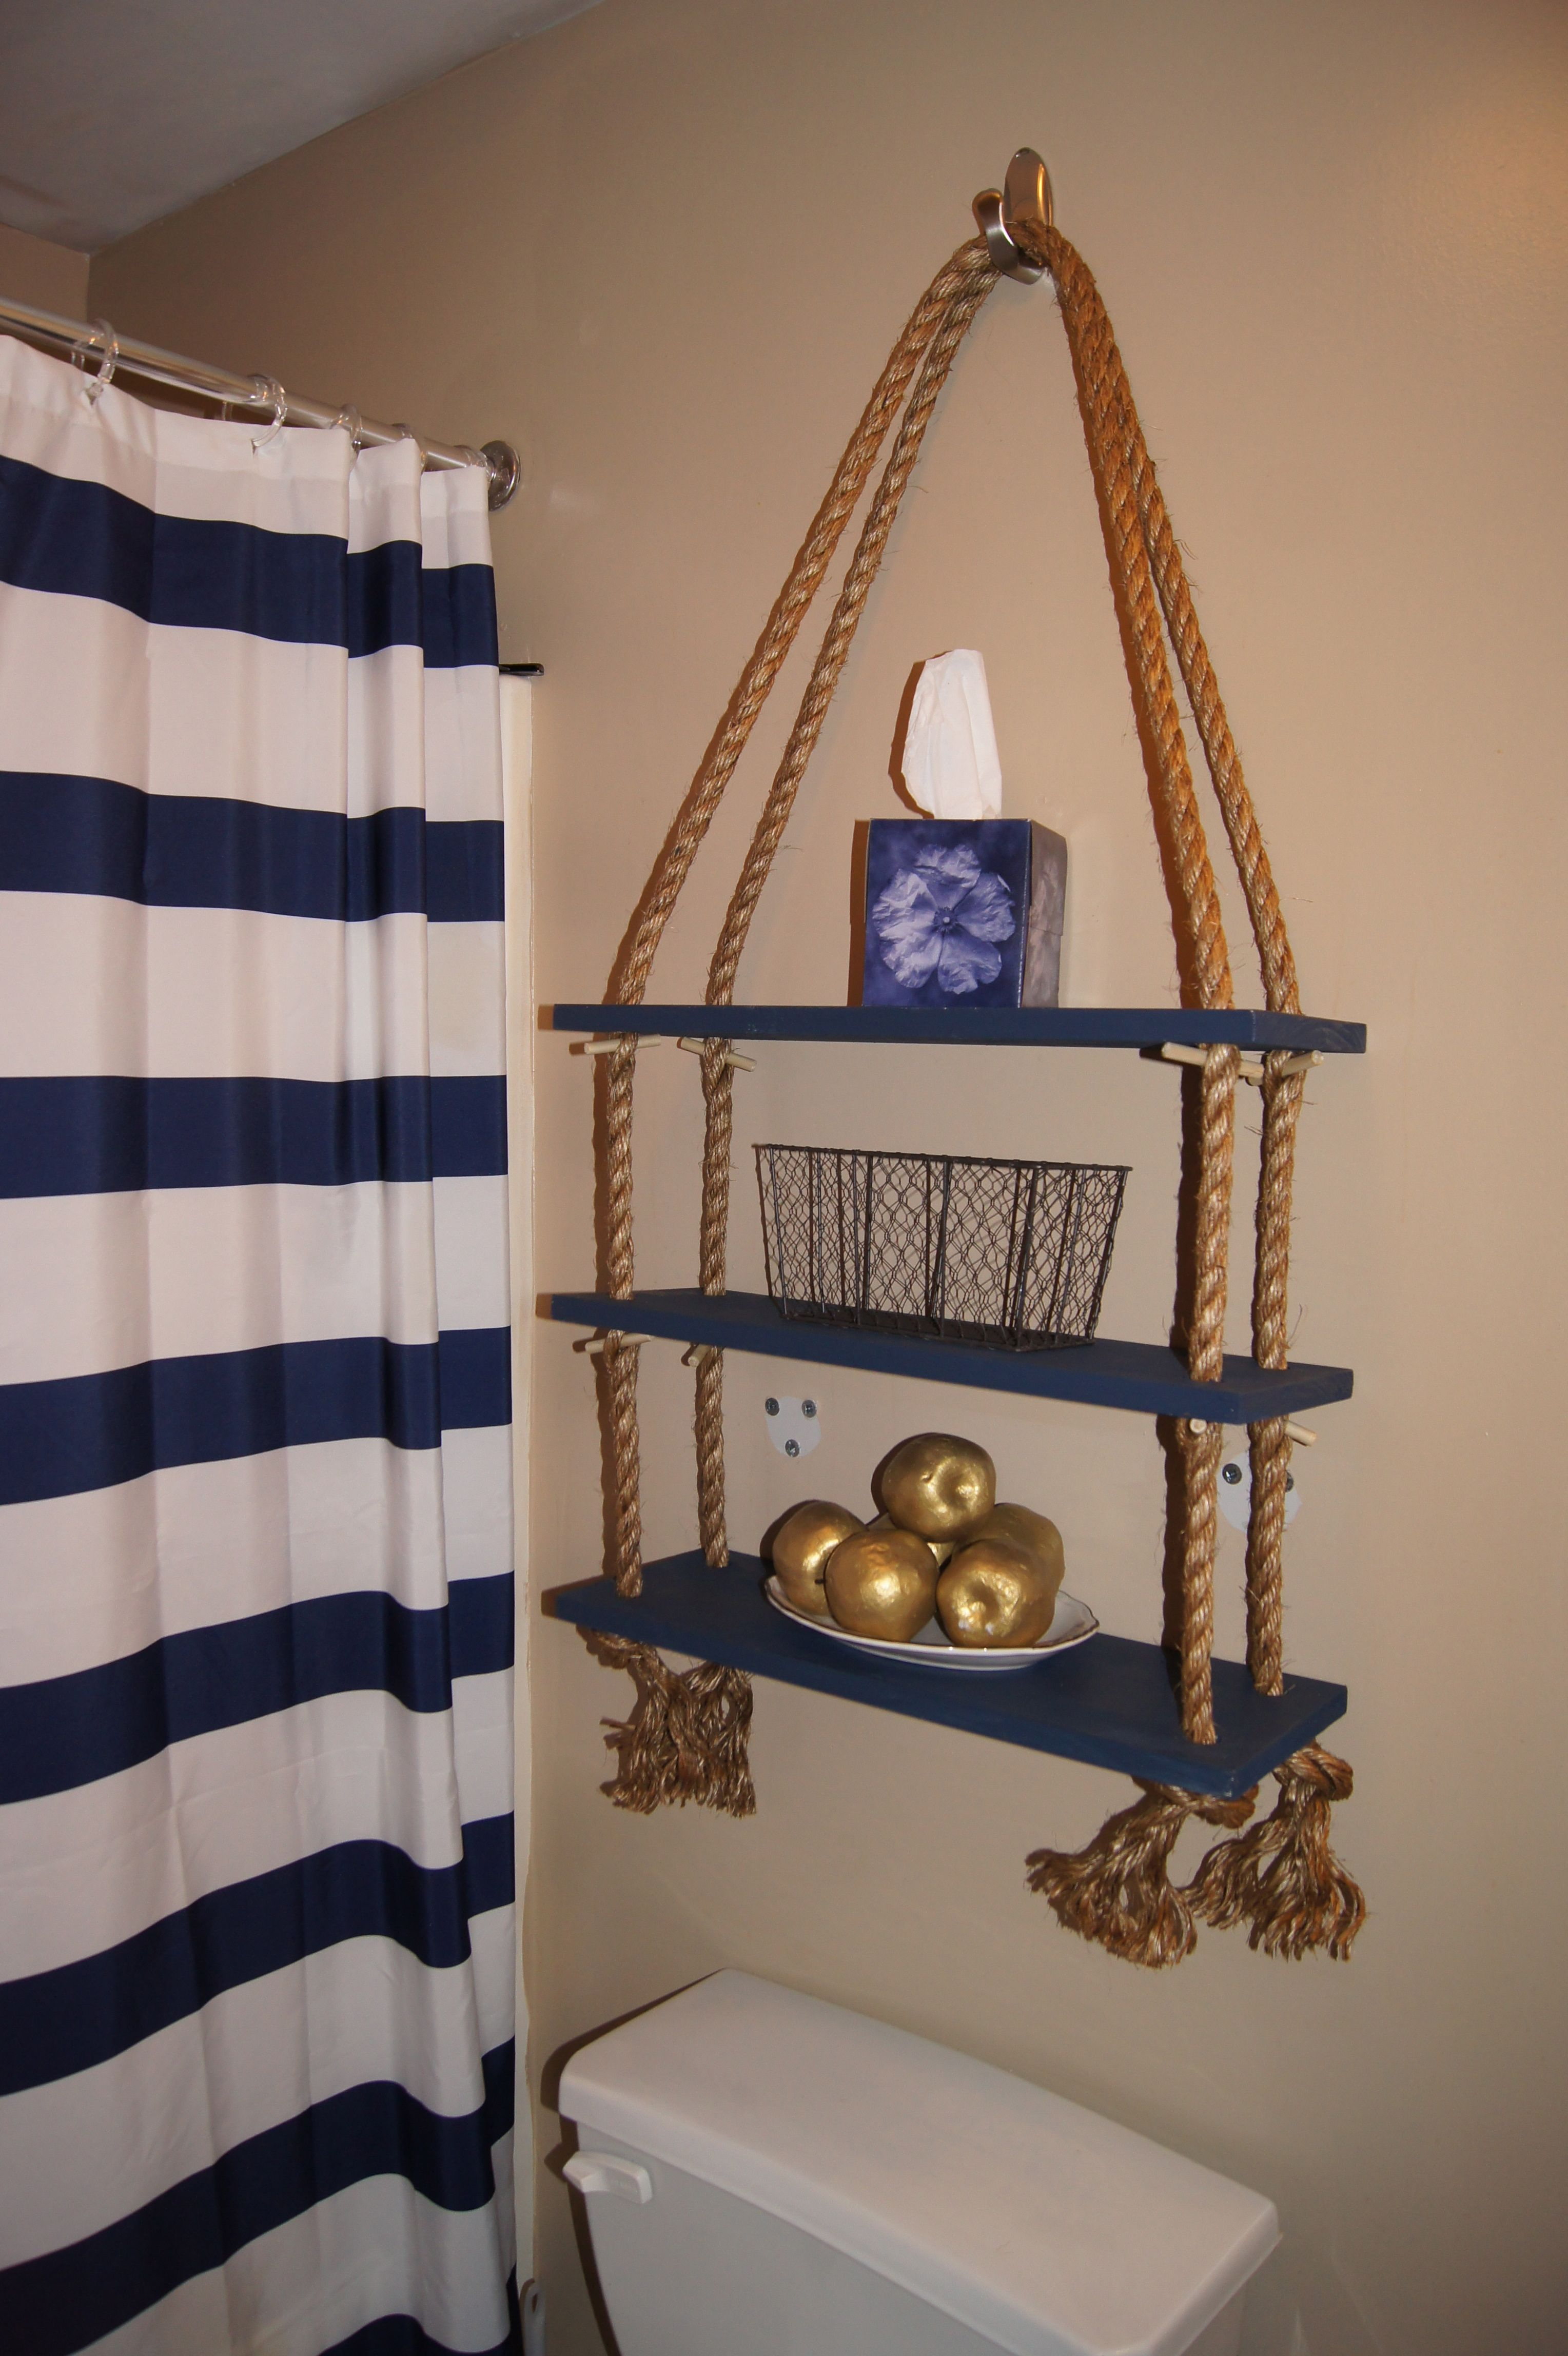 Apartment Decor Diy Nautical Rope Shelf Diy Apartment Decor